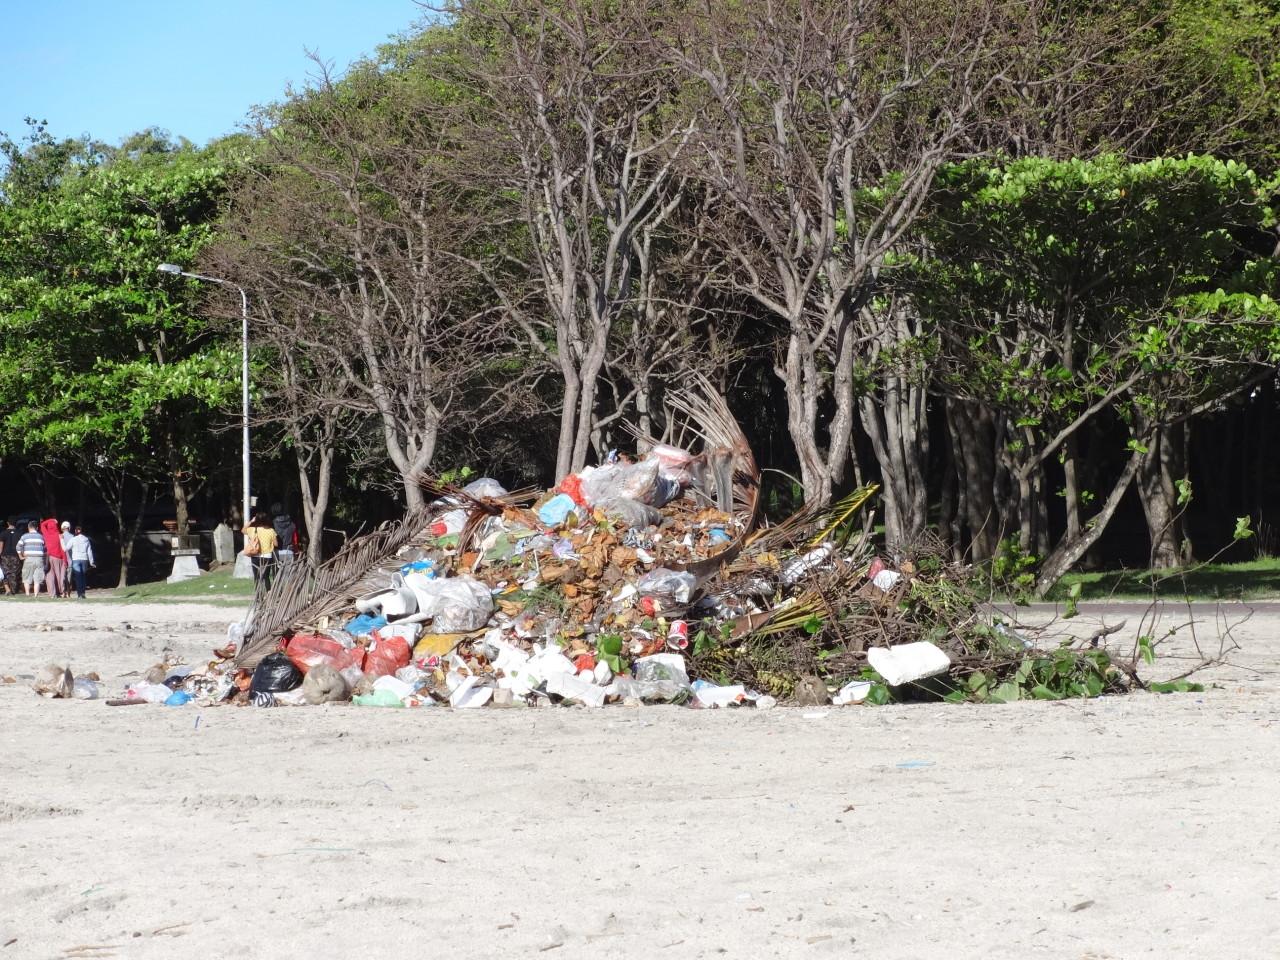 Müll am Strand bei Kuta auf Bail @f1rtslife / Elisa Miebach